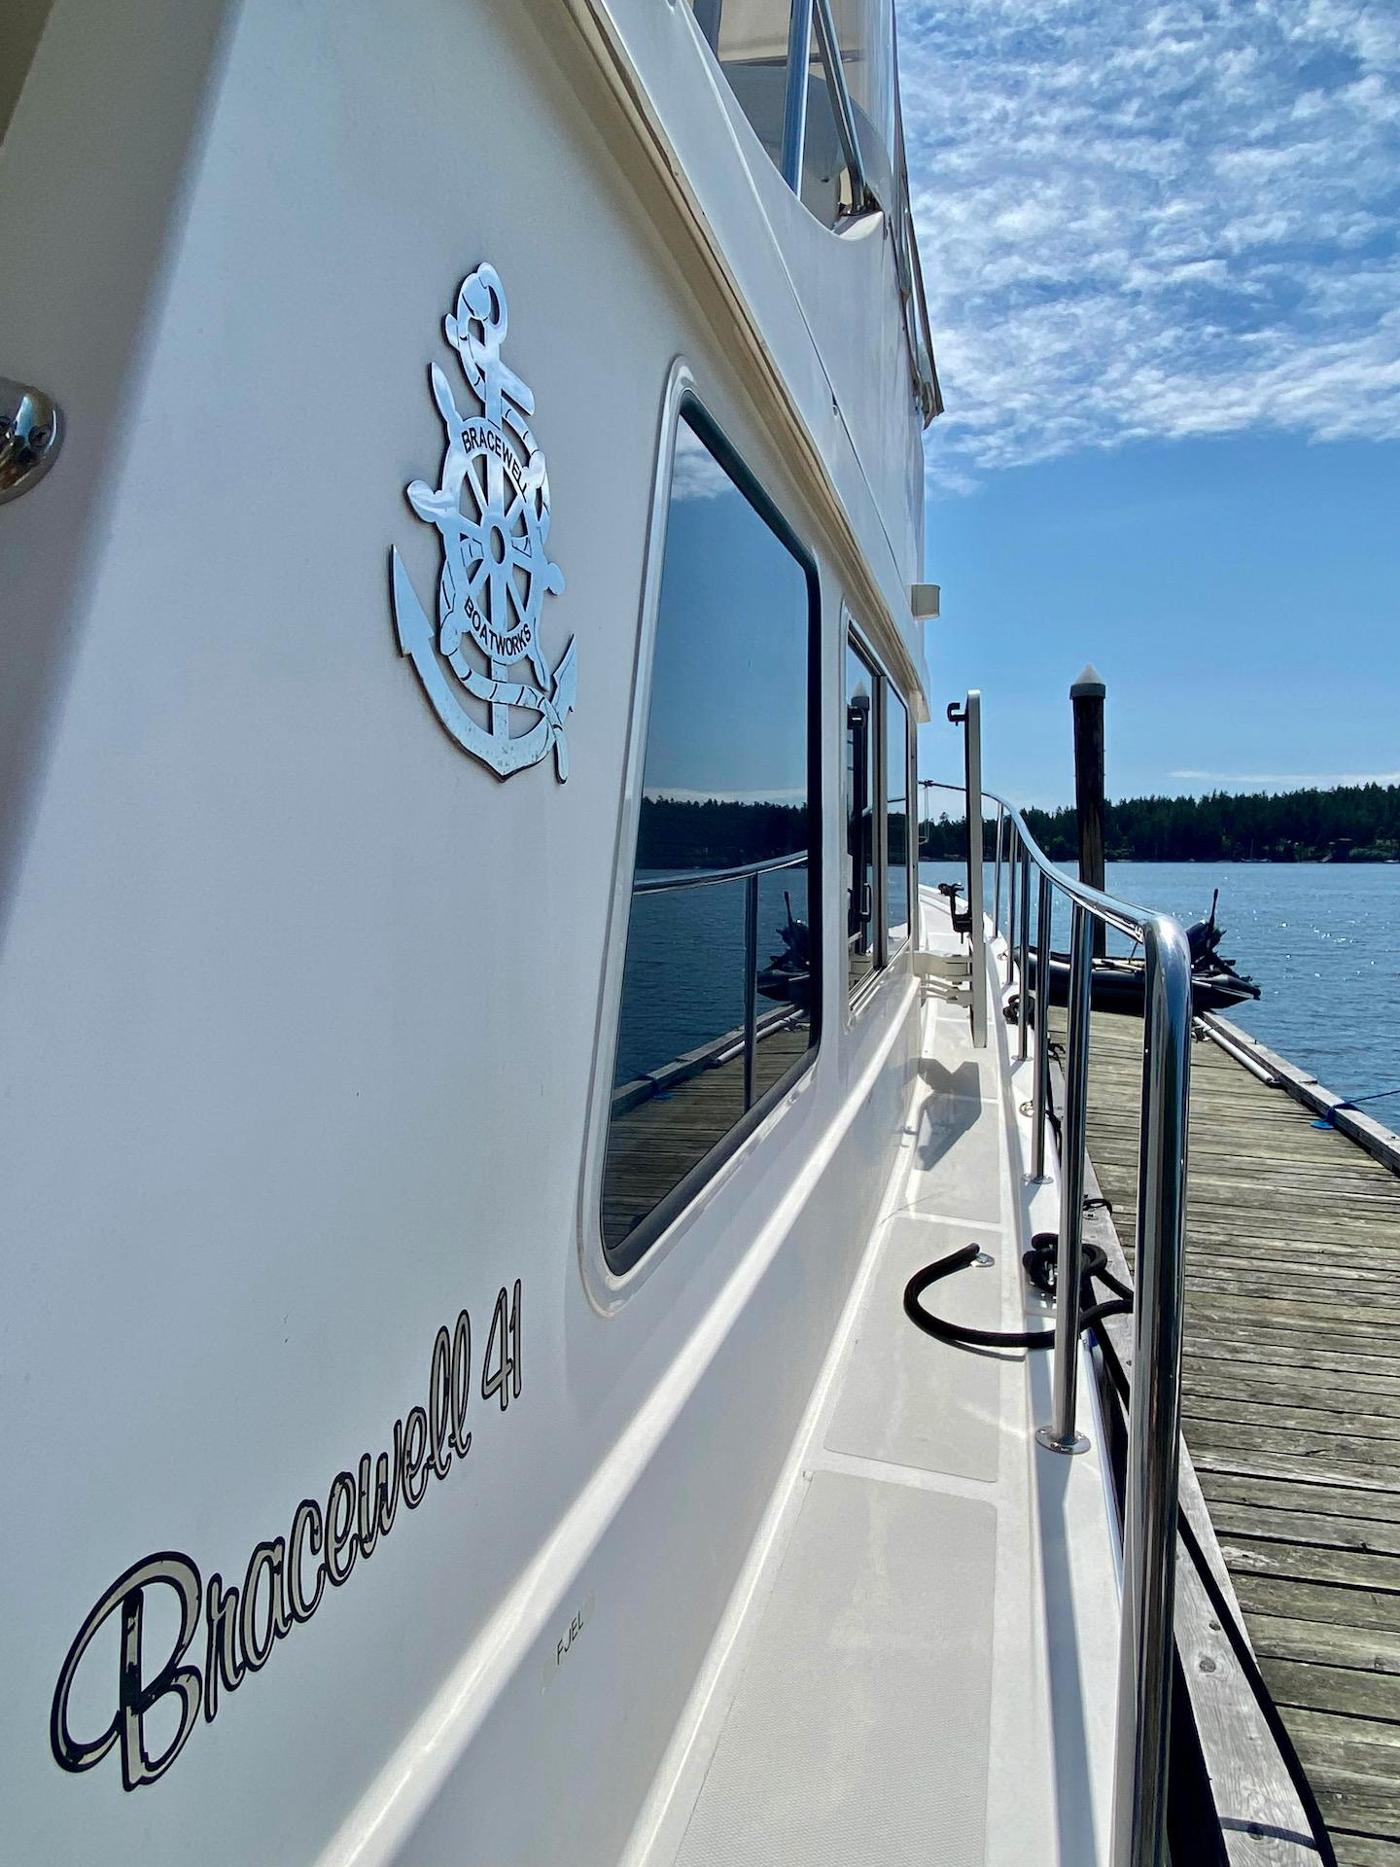 2010 Bracewell 41, Starboard Side Deck